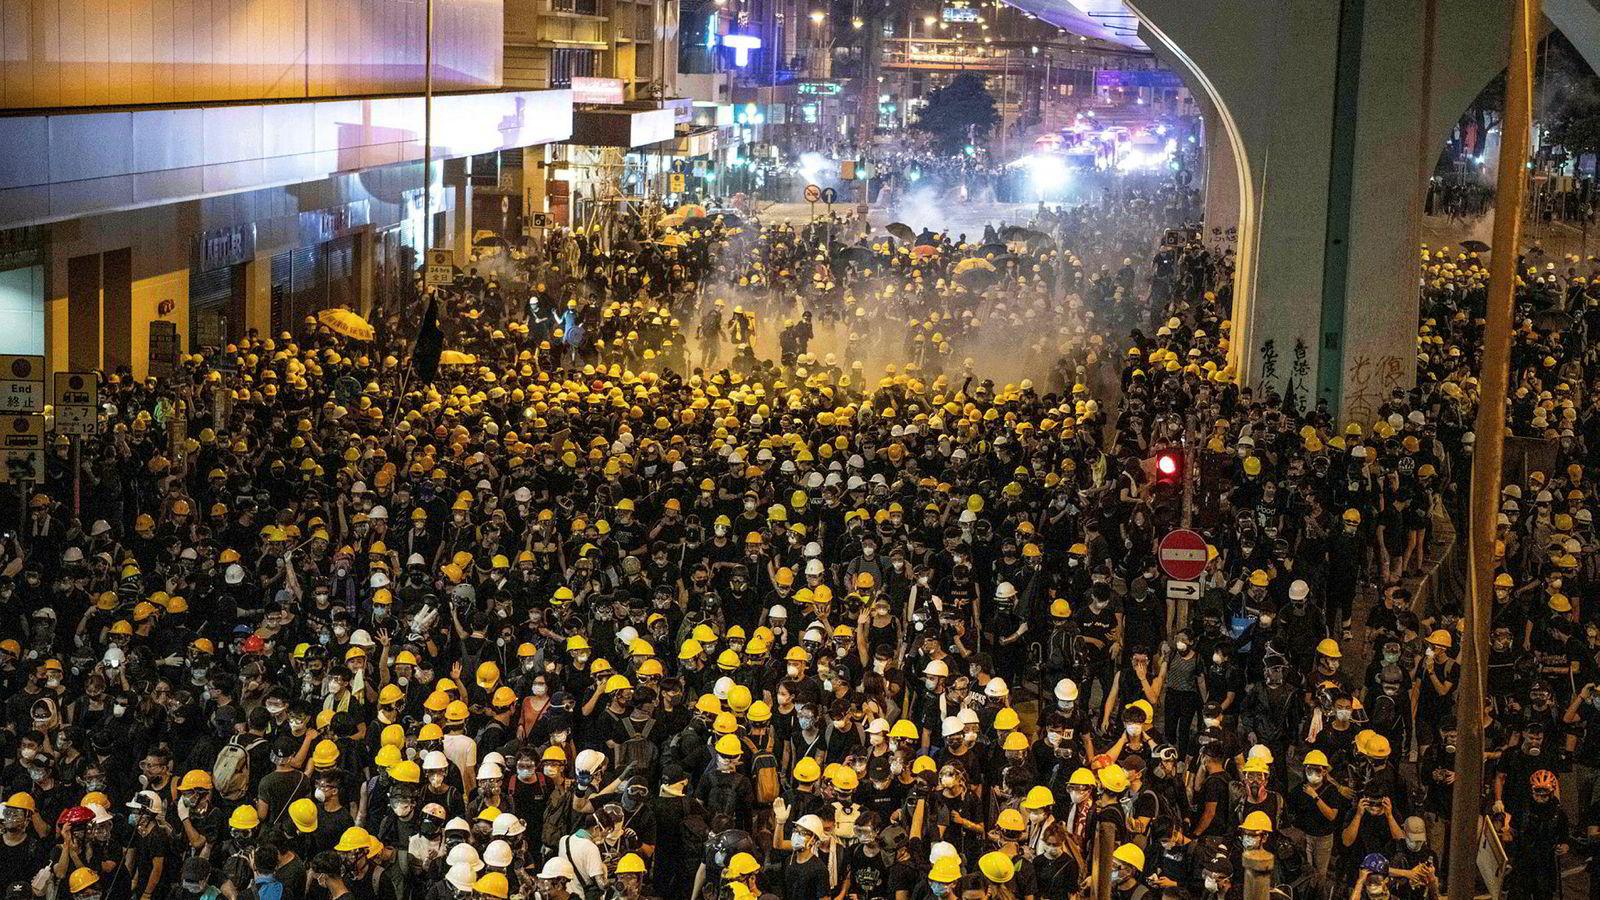 Deler av Hongkong så ut som en slagmark tidlig mandag morgen etter kraftige sammenstøt med politi. Kina har reagert kraftig på at representasjonsbygningen i Hongkong ble bombardert med egg og veggene påført graffiti.